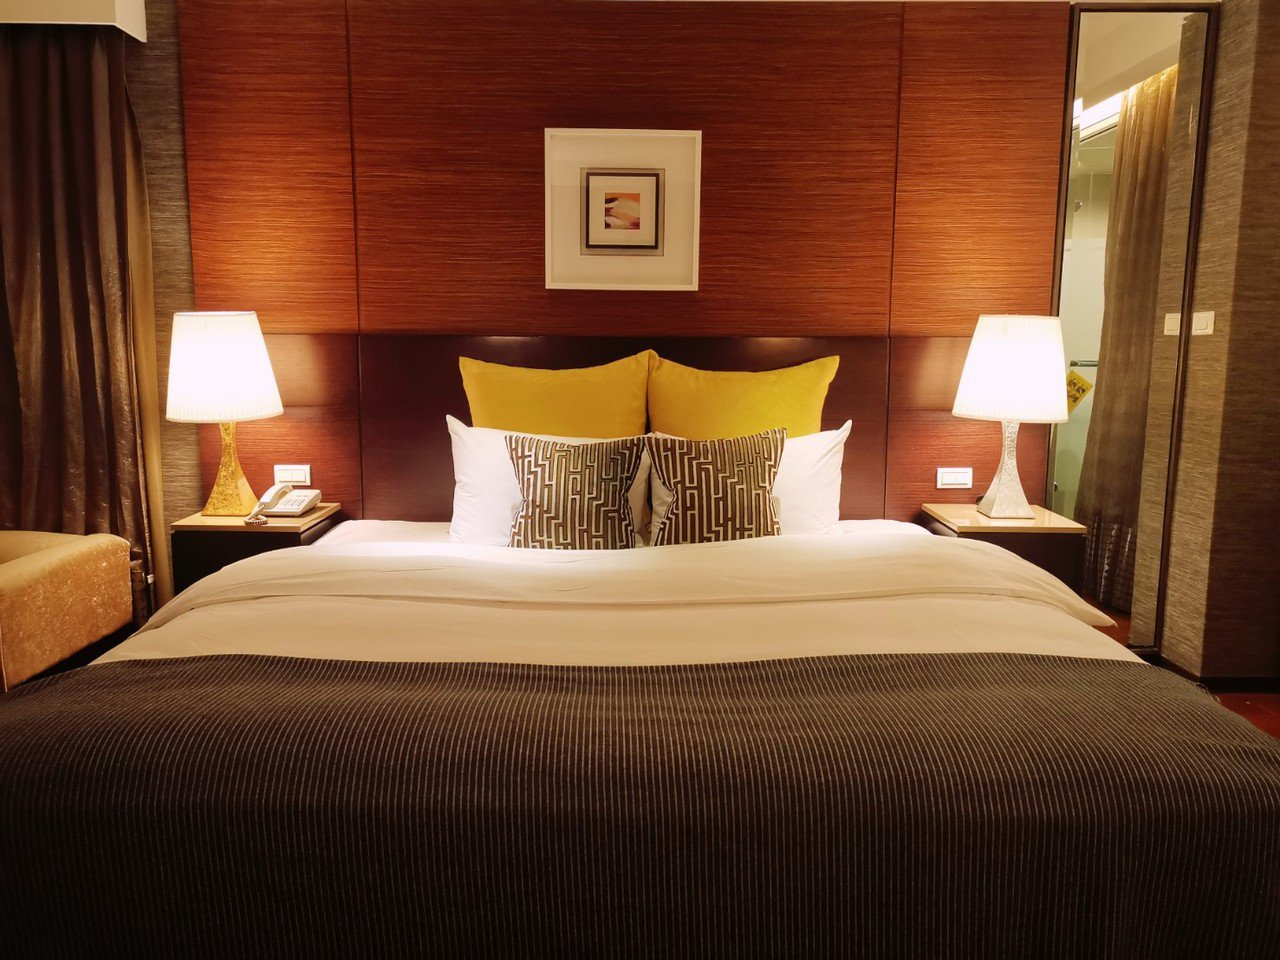 漾館時尚溫泉飯店的客房色調溫馨沉穩,搭配室內獨立的溫泉池,提供旅客心靈洗滌的私密...